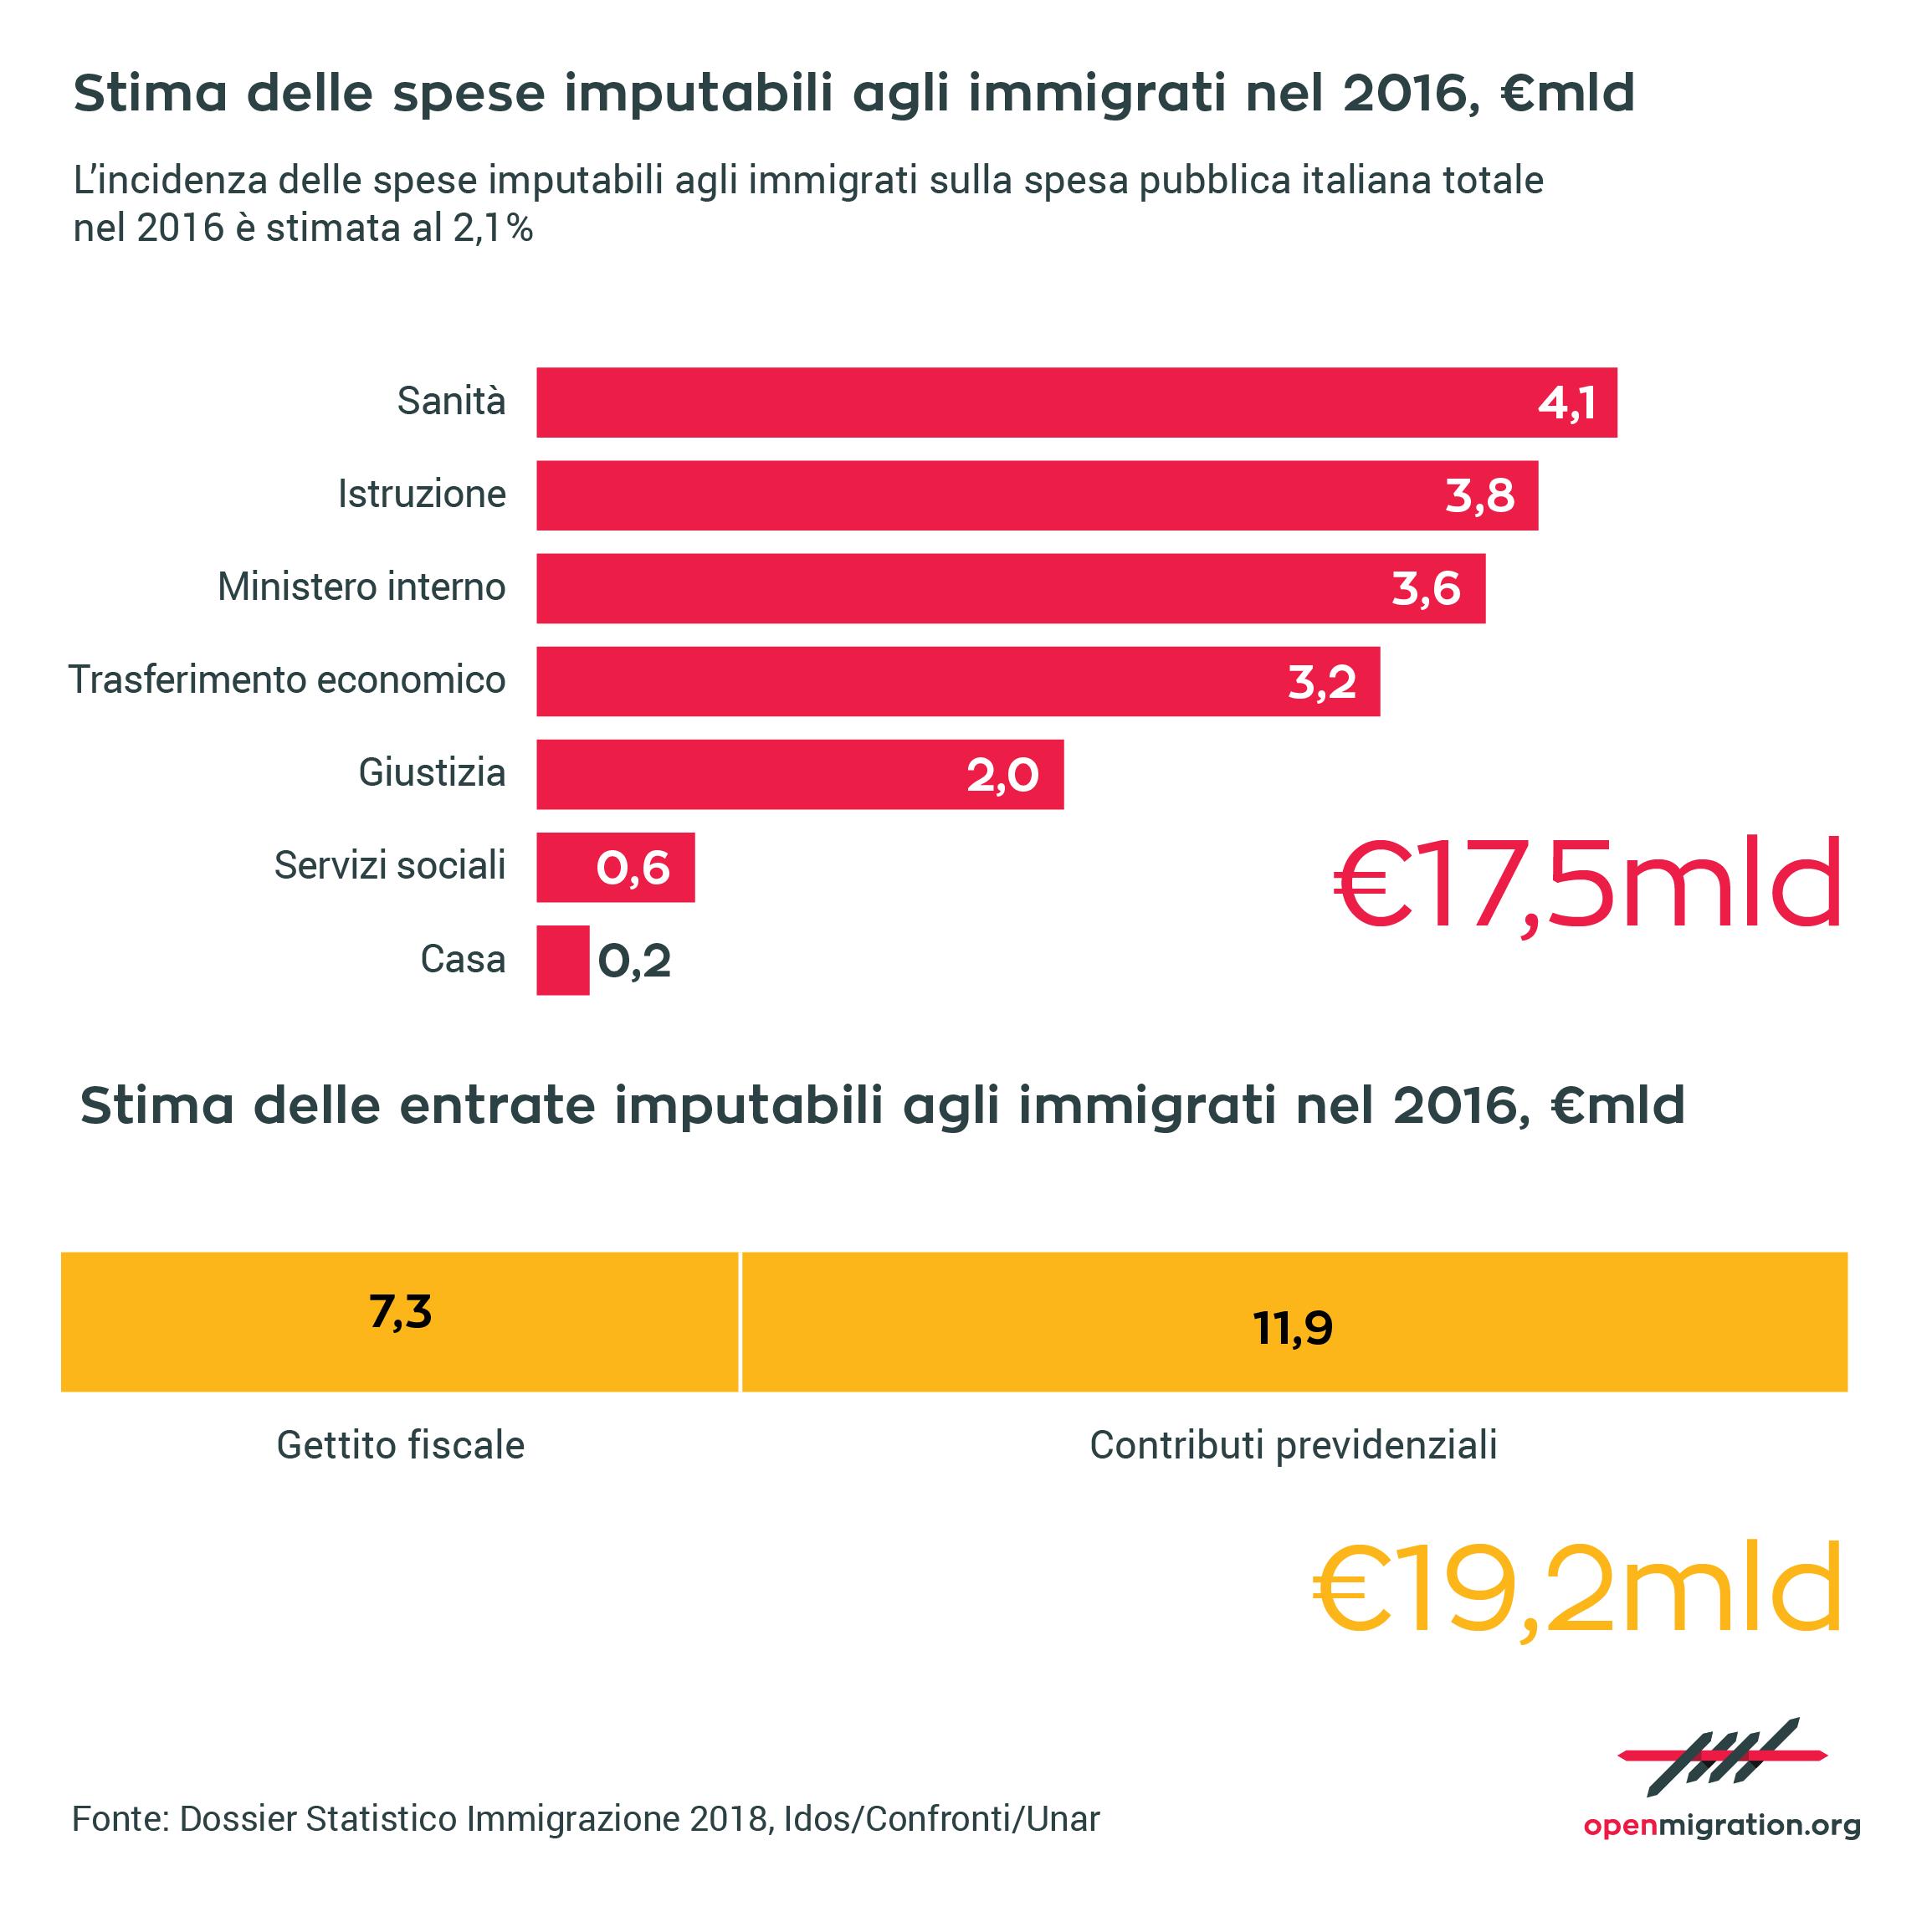 Stima delle spese imputabili gli immigrati nel 2016, €mld